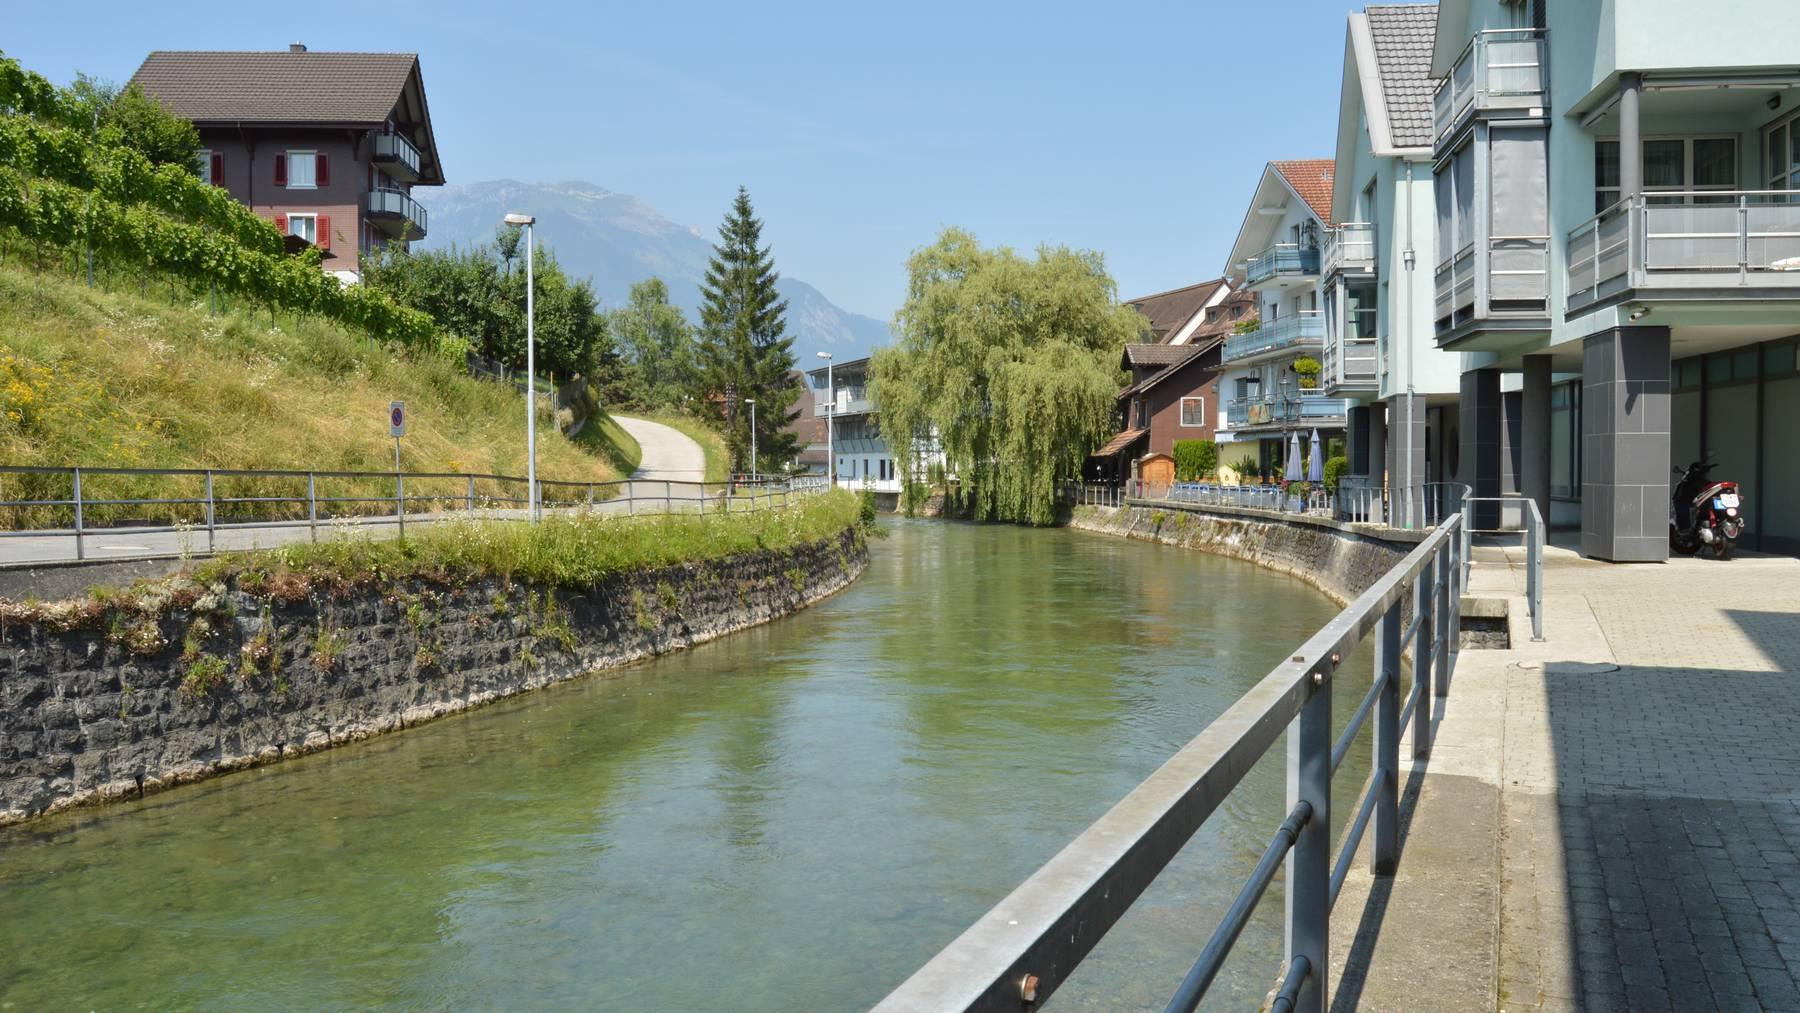 Hochwassersicherheit mit Zwecksteuer finanzieren